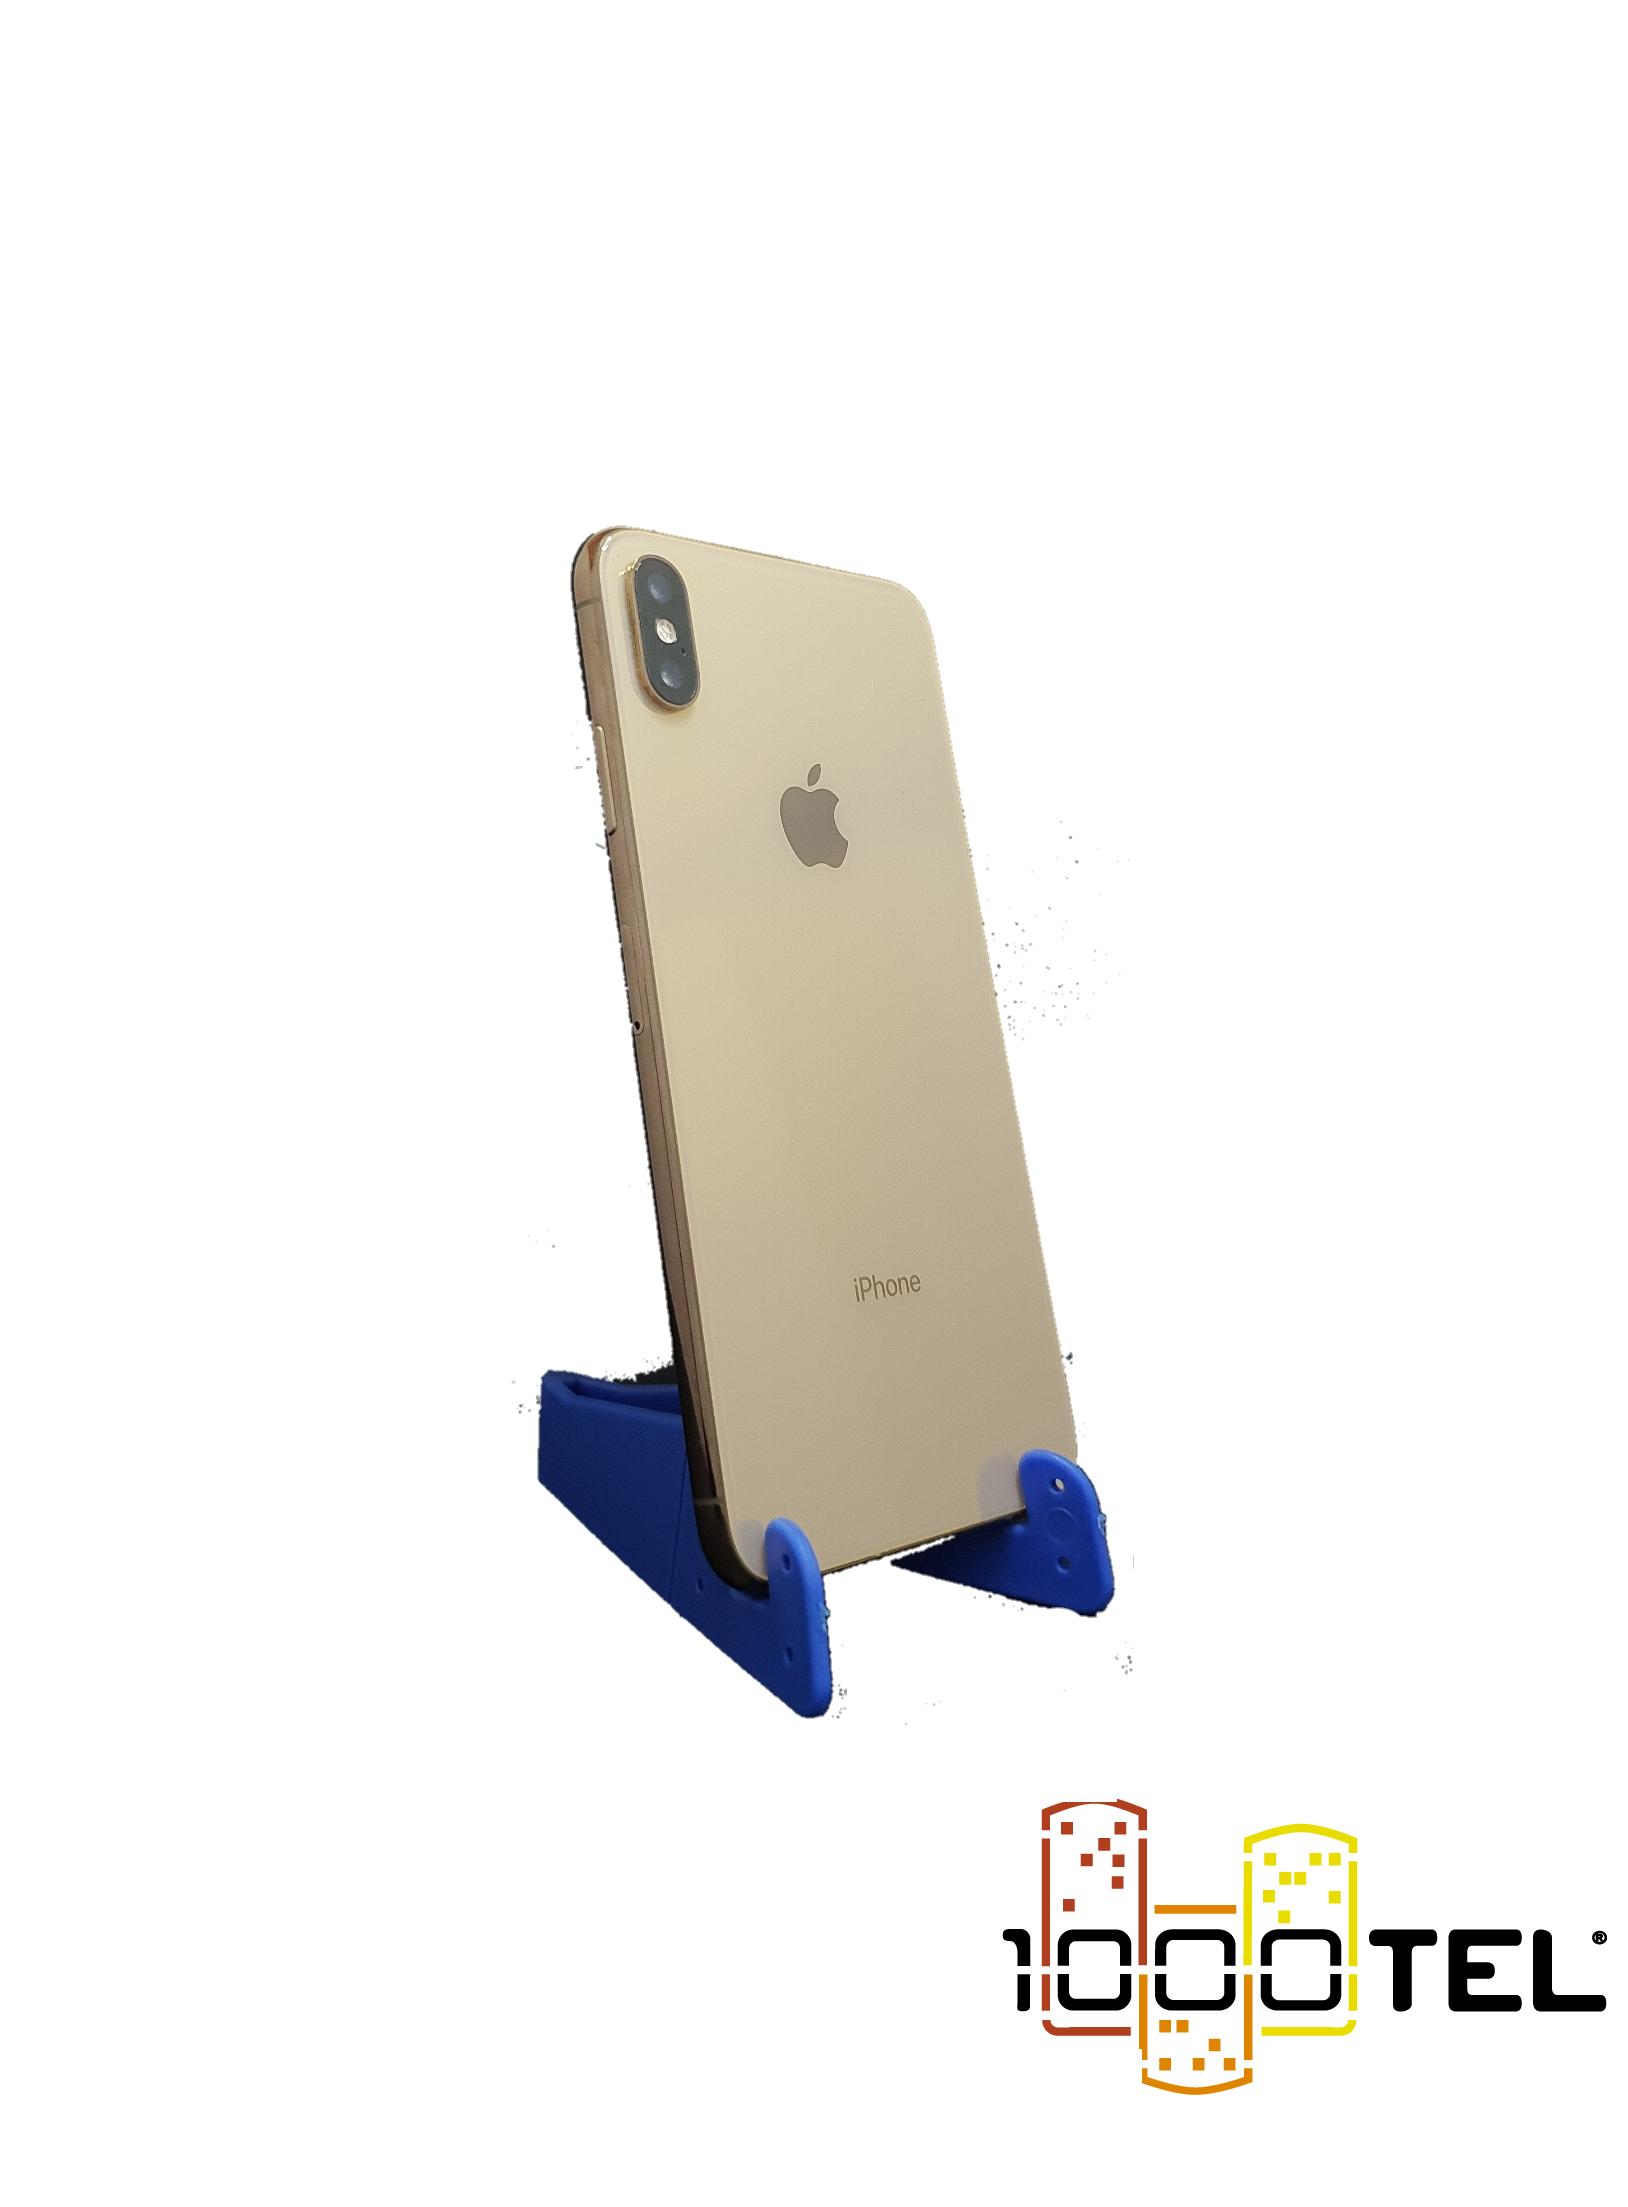 Iphone XS Max 256GB #3